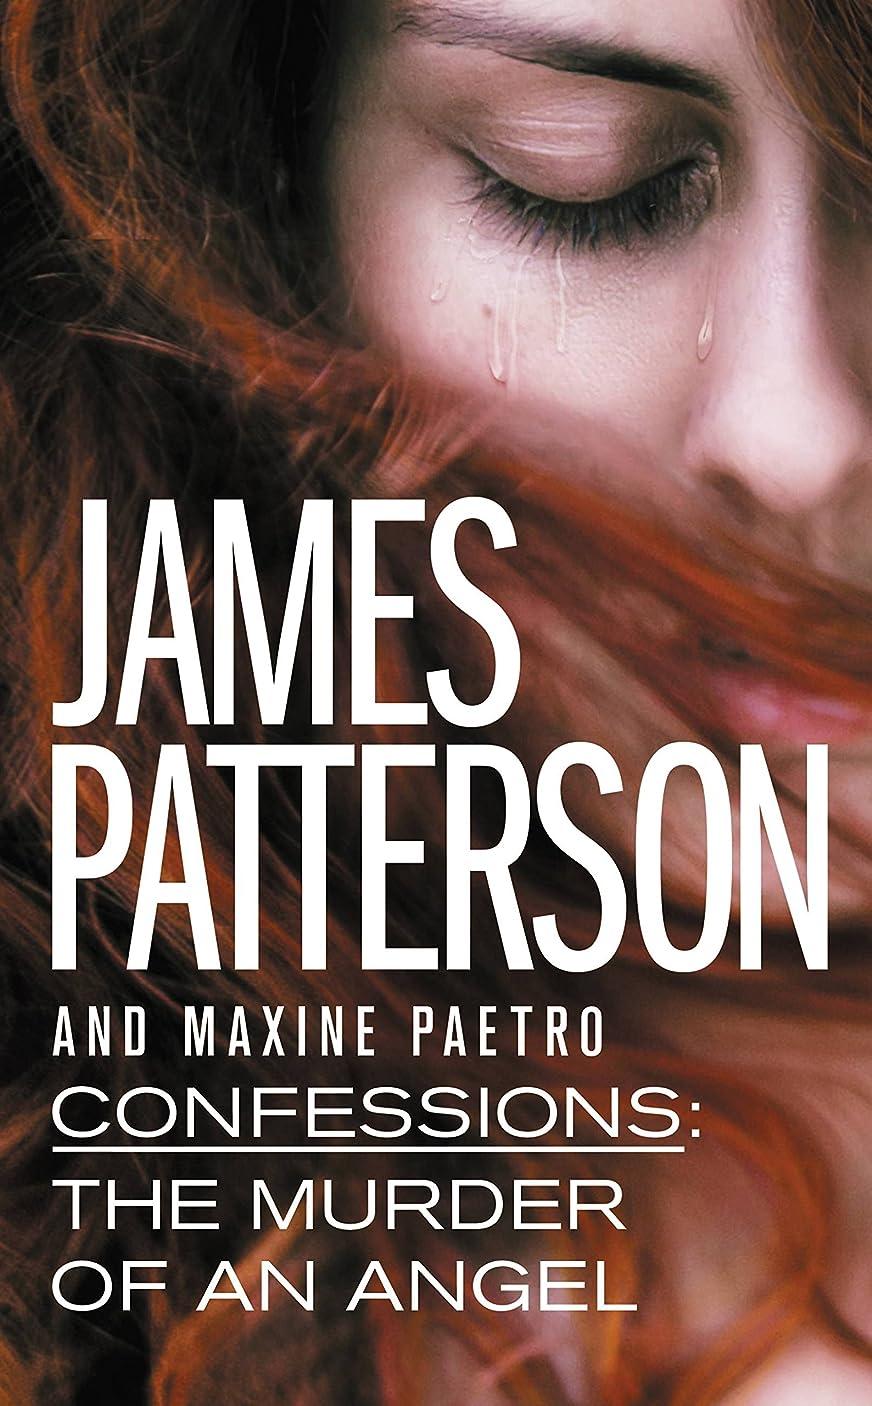 聞きます奇妙な証拠Confessions: The Murder of an Angel (English Edition)